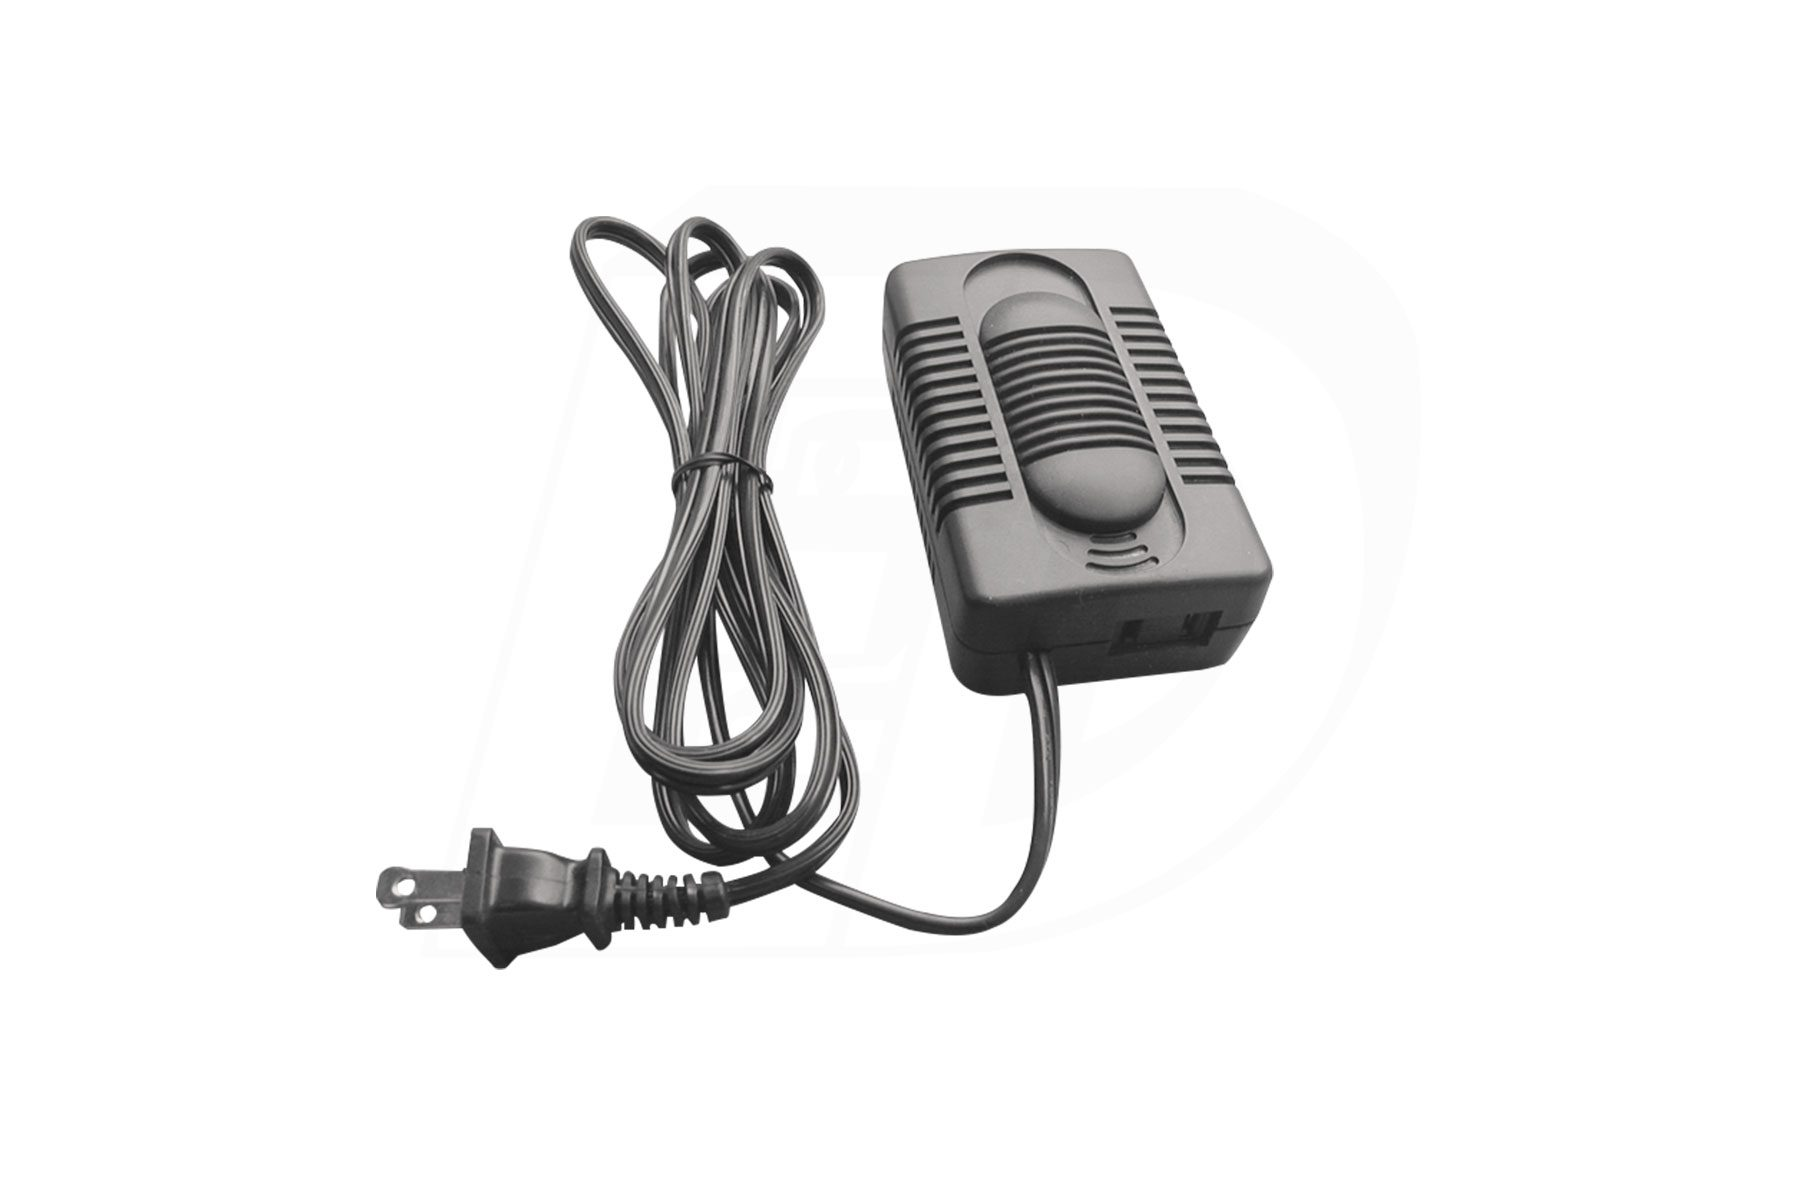 SPST Sliding Dimmer Lamp Switch